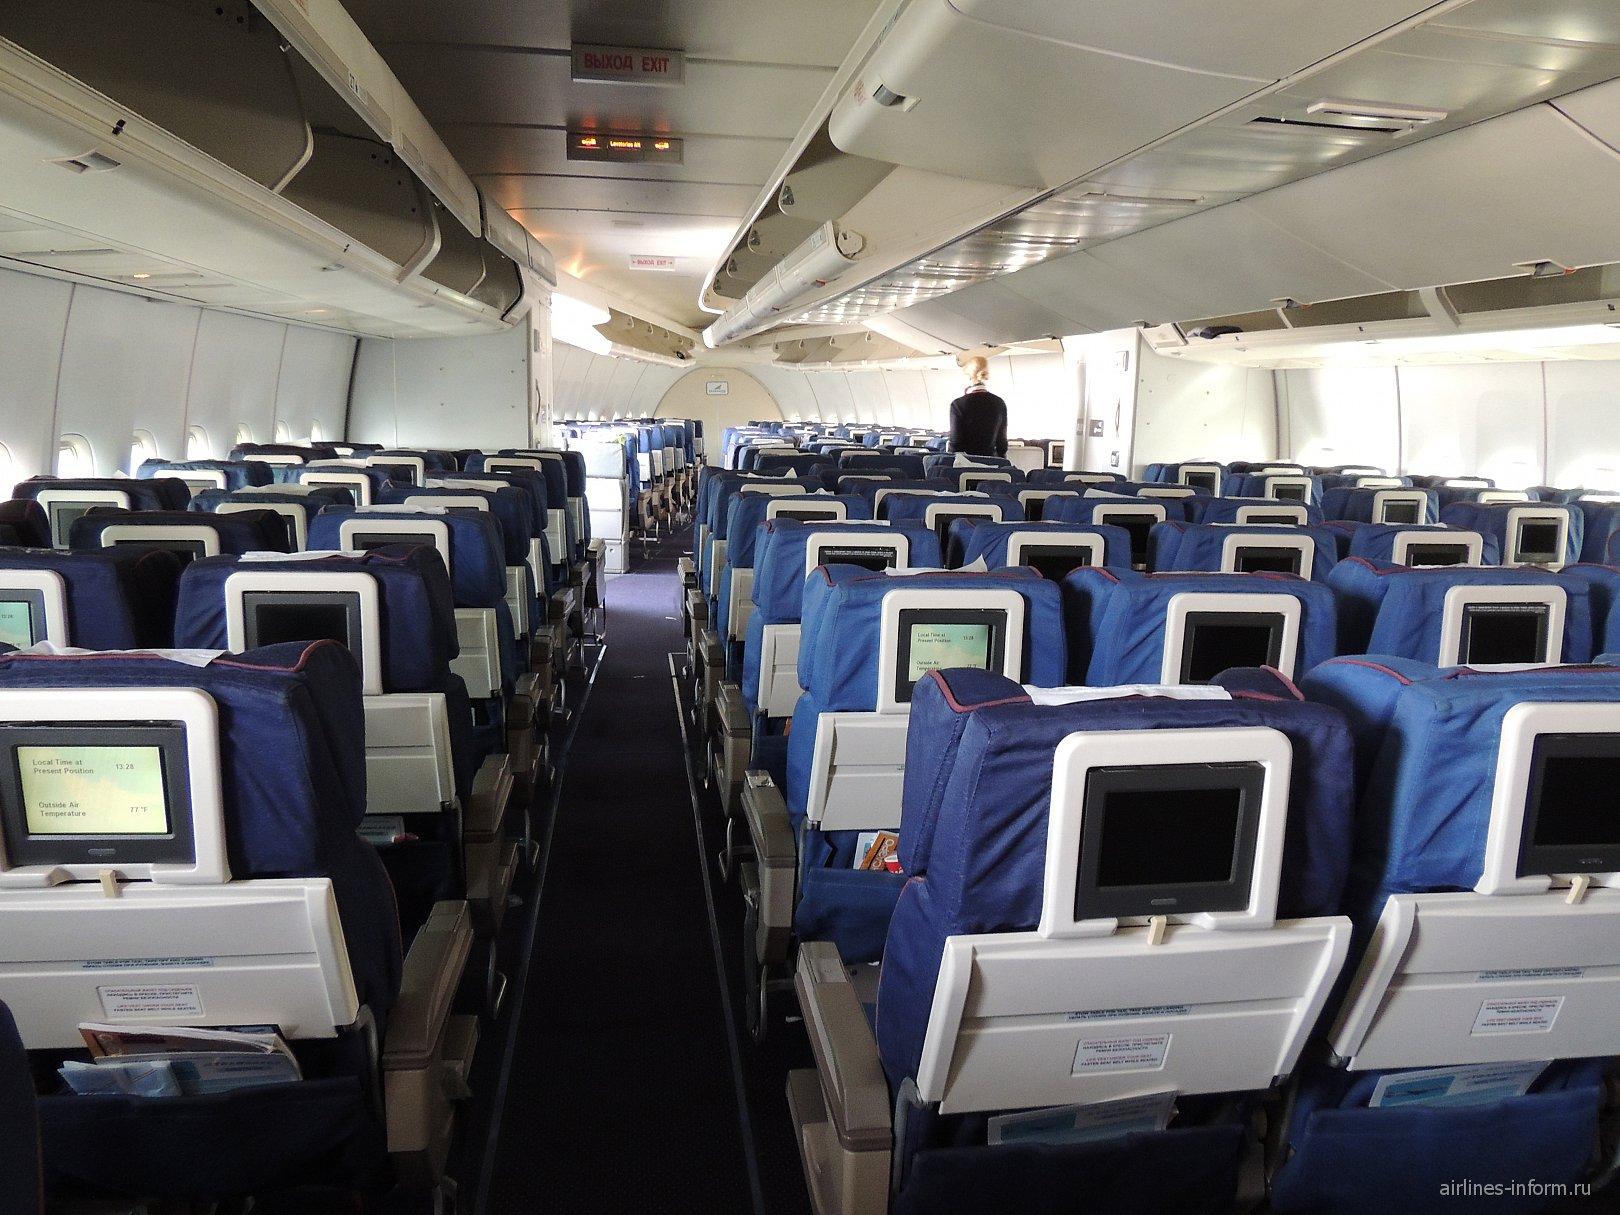 """Носовая часть пассажирского салона в самолете Боинг-747-400 авиакомпании """"Трансаэро"""""""